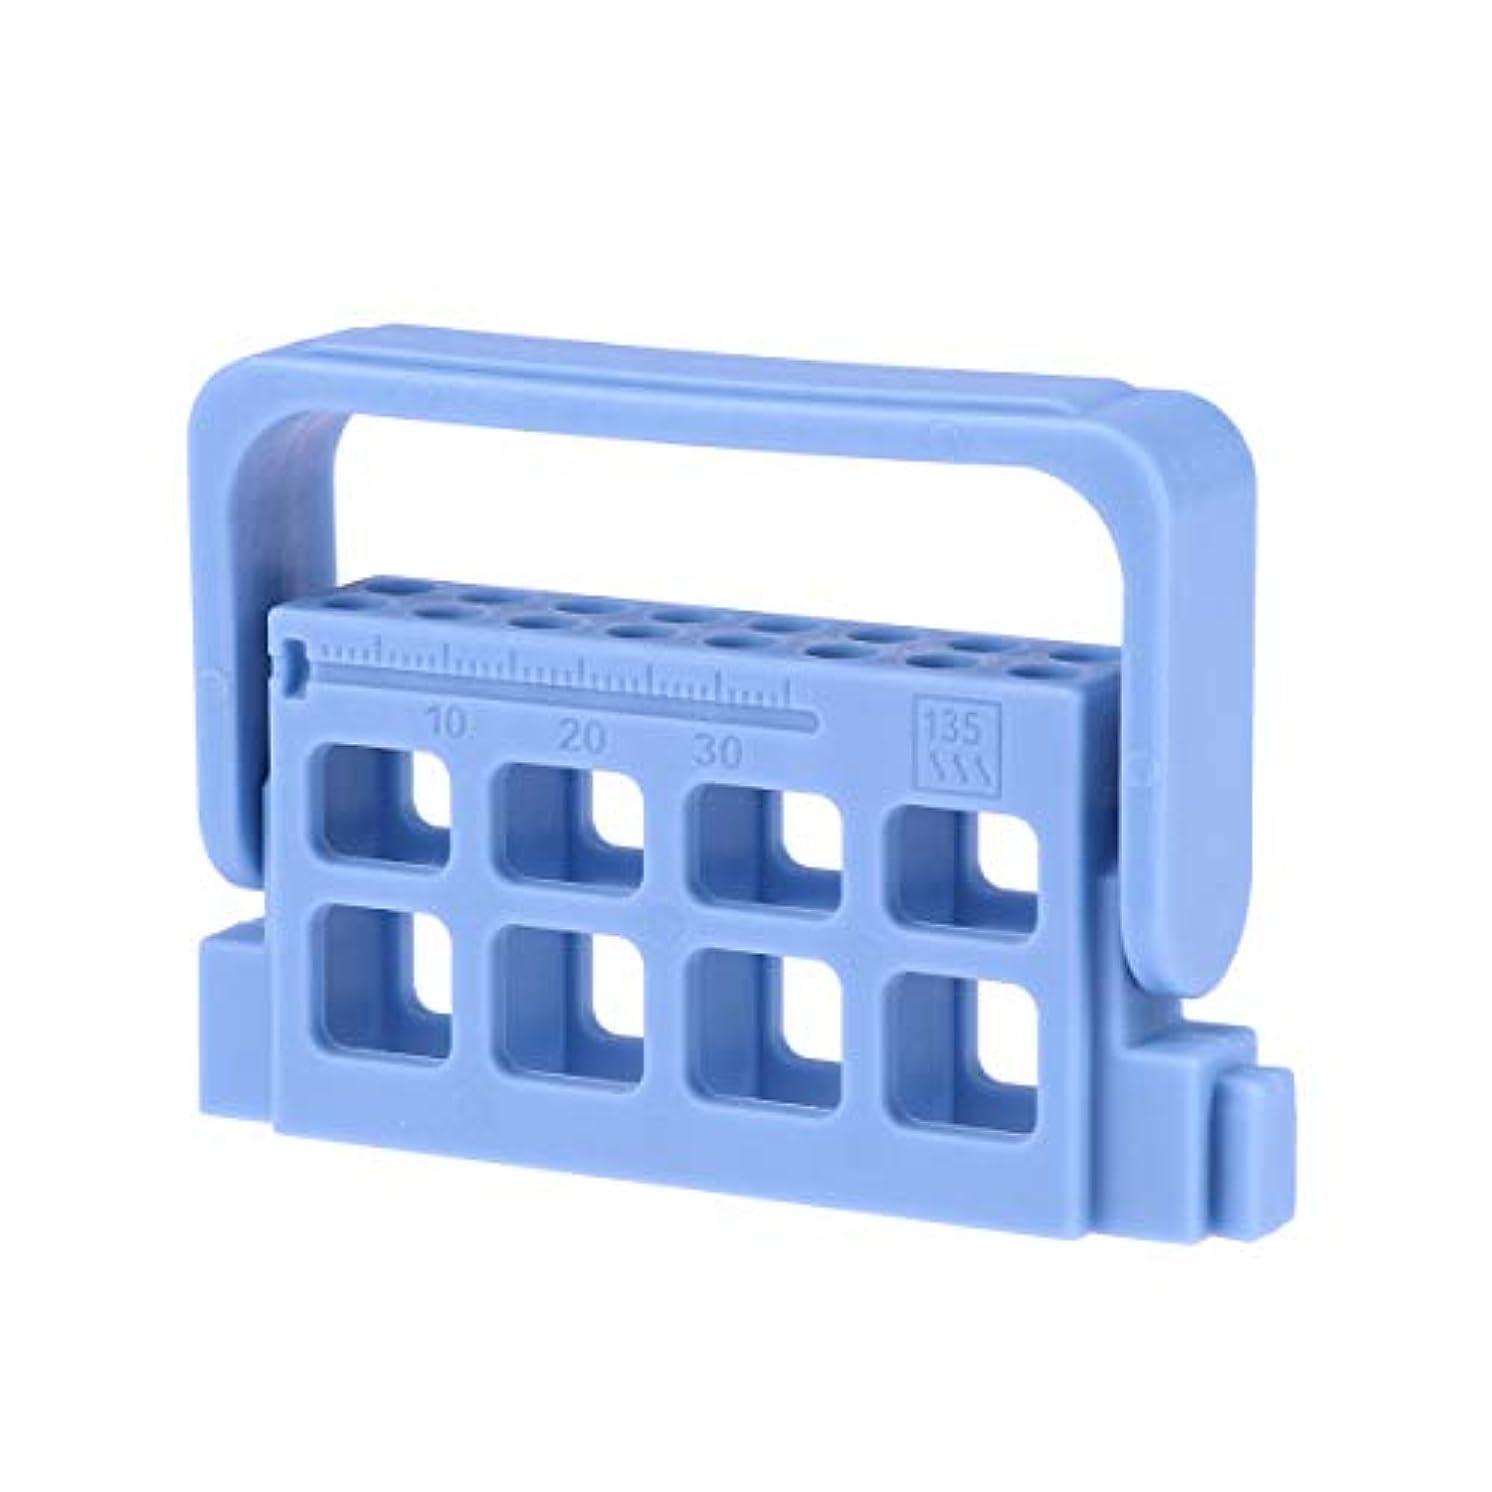 義務的ファイバ少なくともHEALLILY 歯科用測定ファイルホルダー口腔根管洗浄スタンド付き測定スケール臨床用具(青)